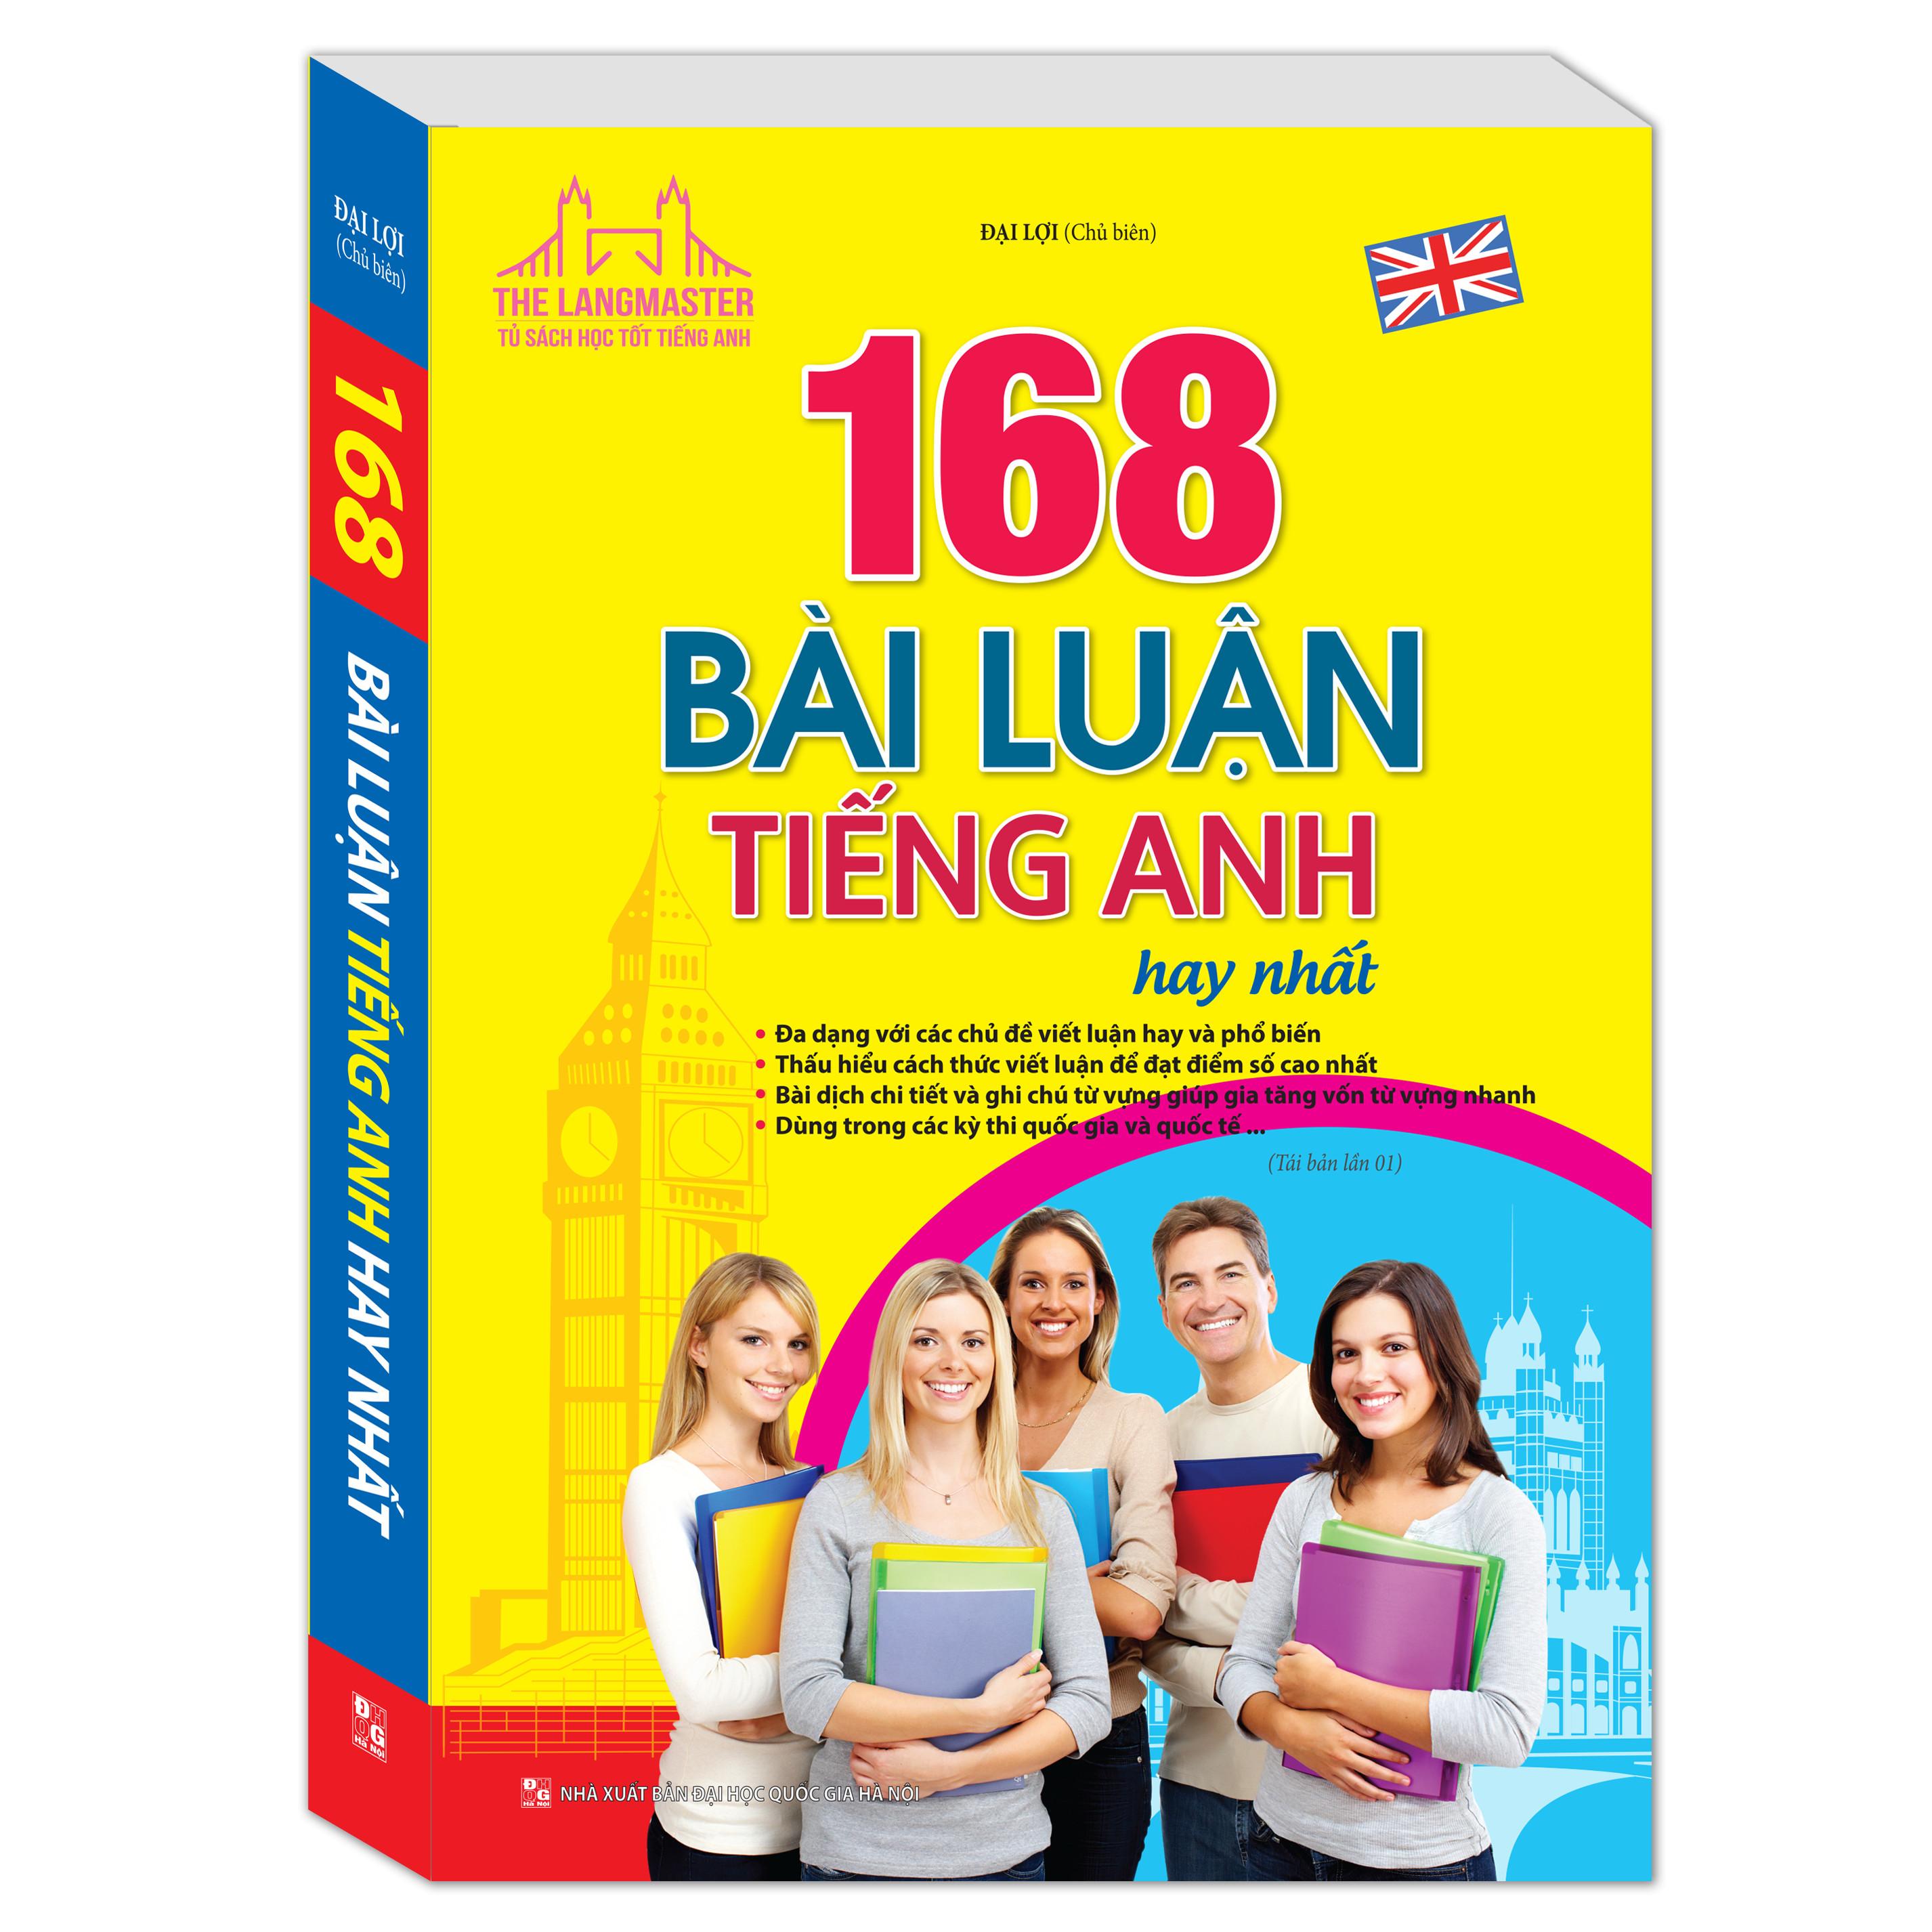 168 Bài Luận Tiếng Anh Hay Nhất (Tái Bản 01)